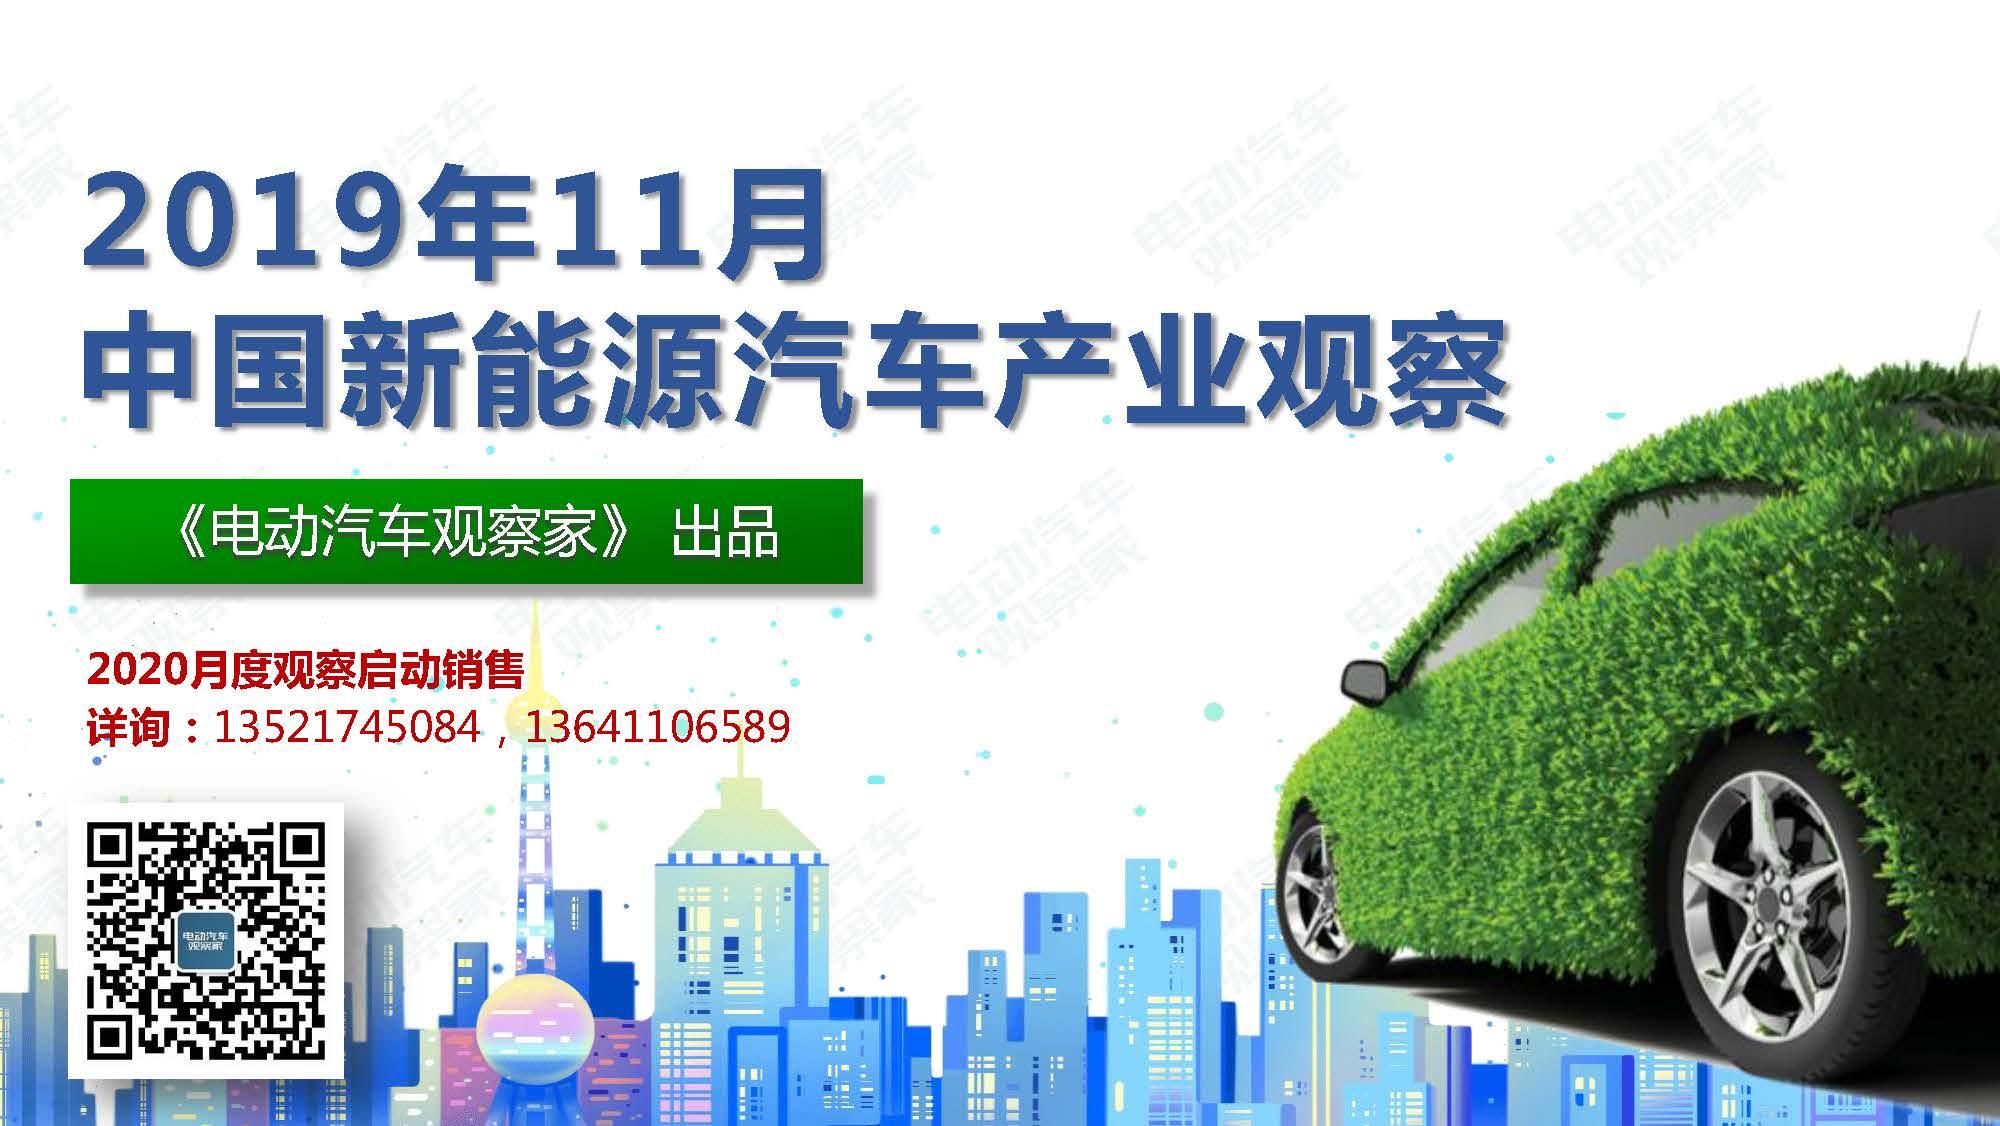 中国新能源汽车产业观察2019年11月版